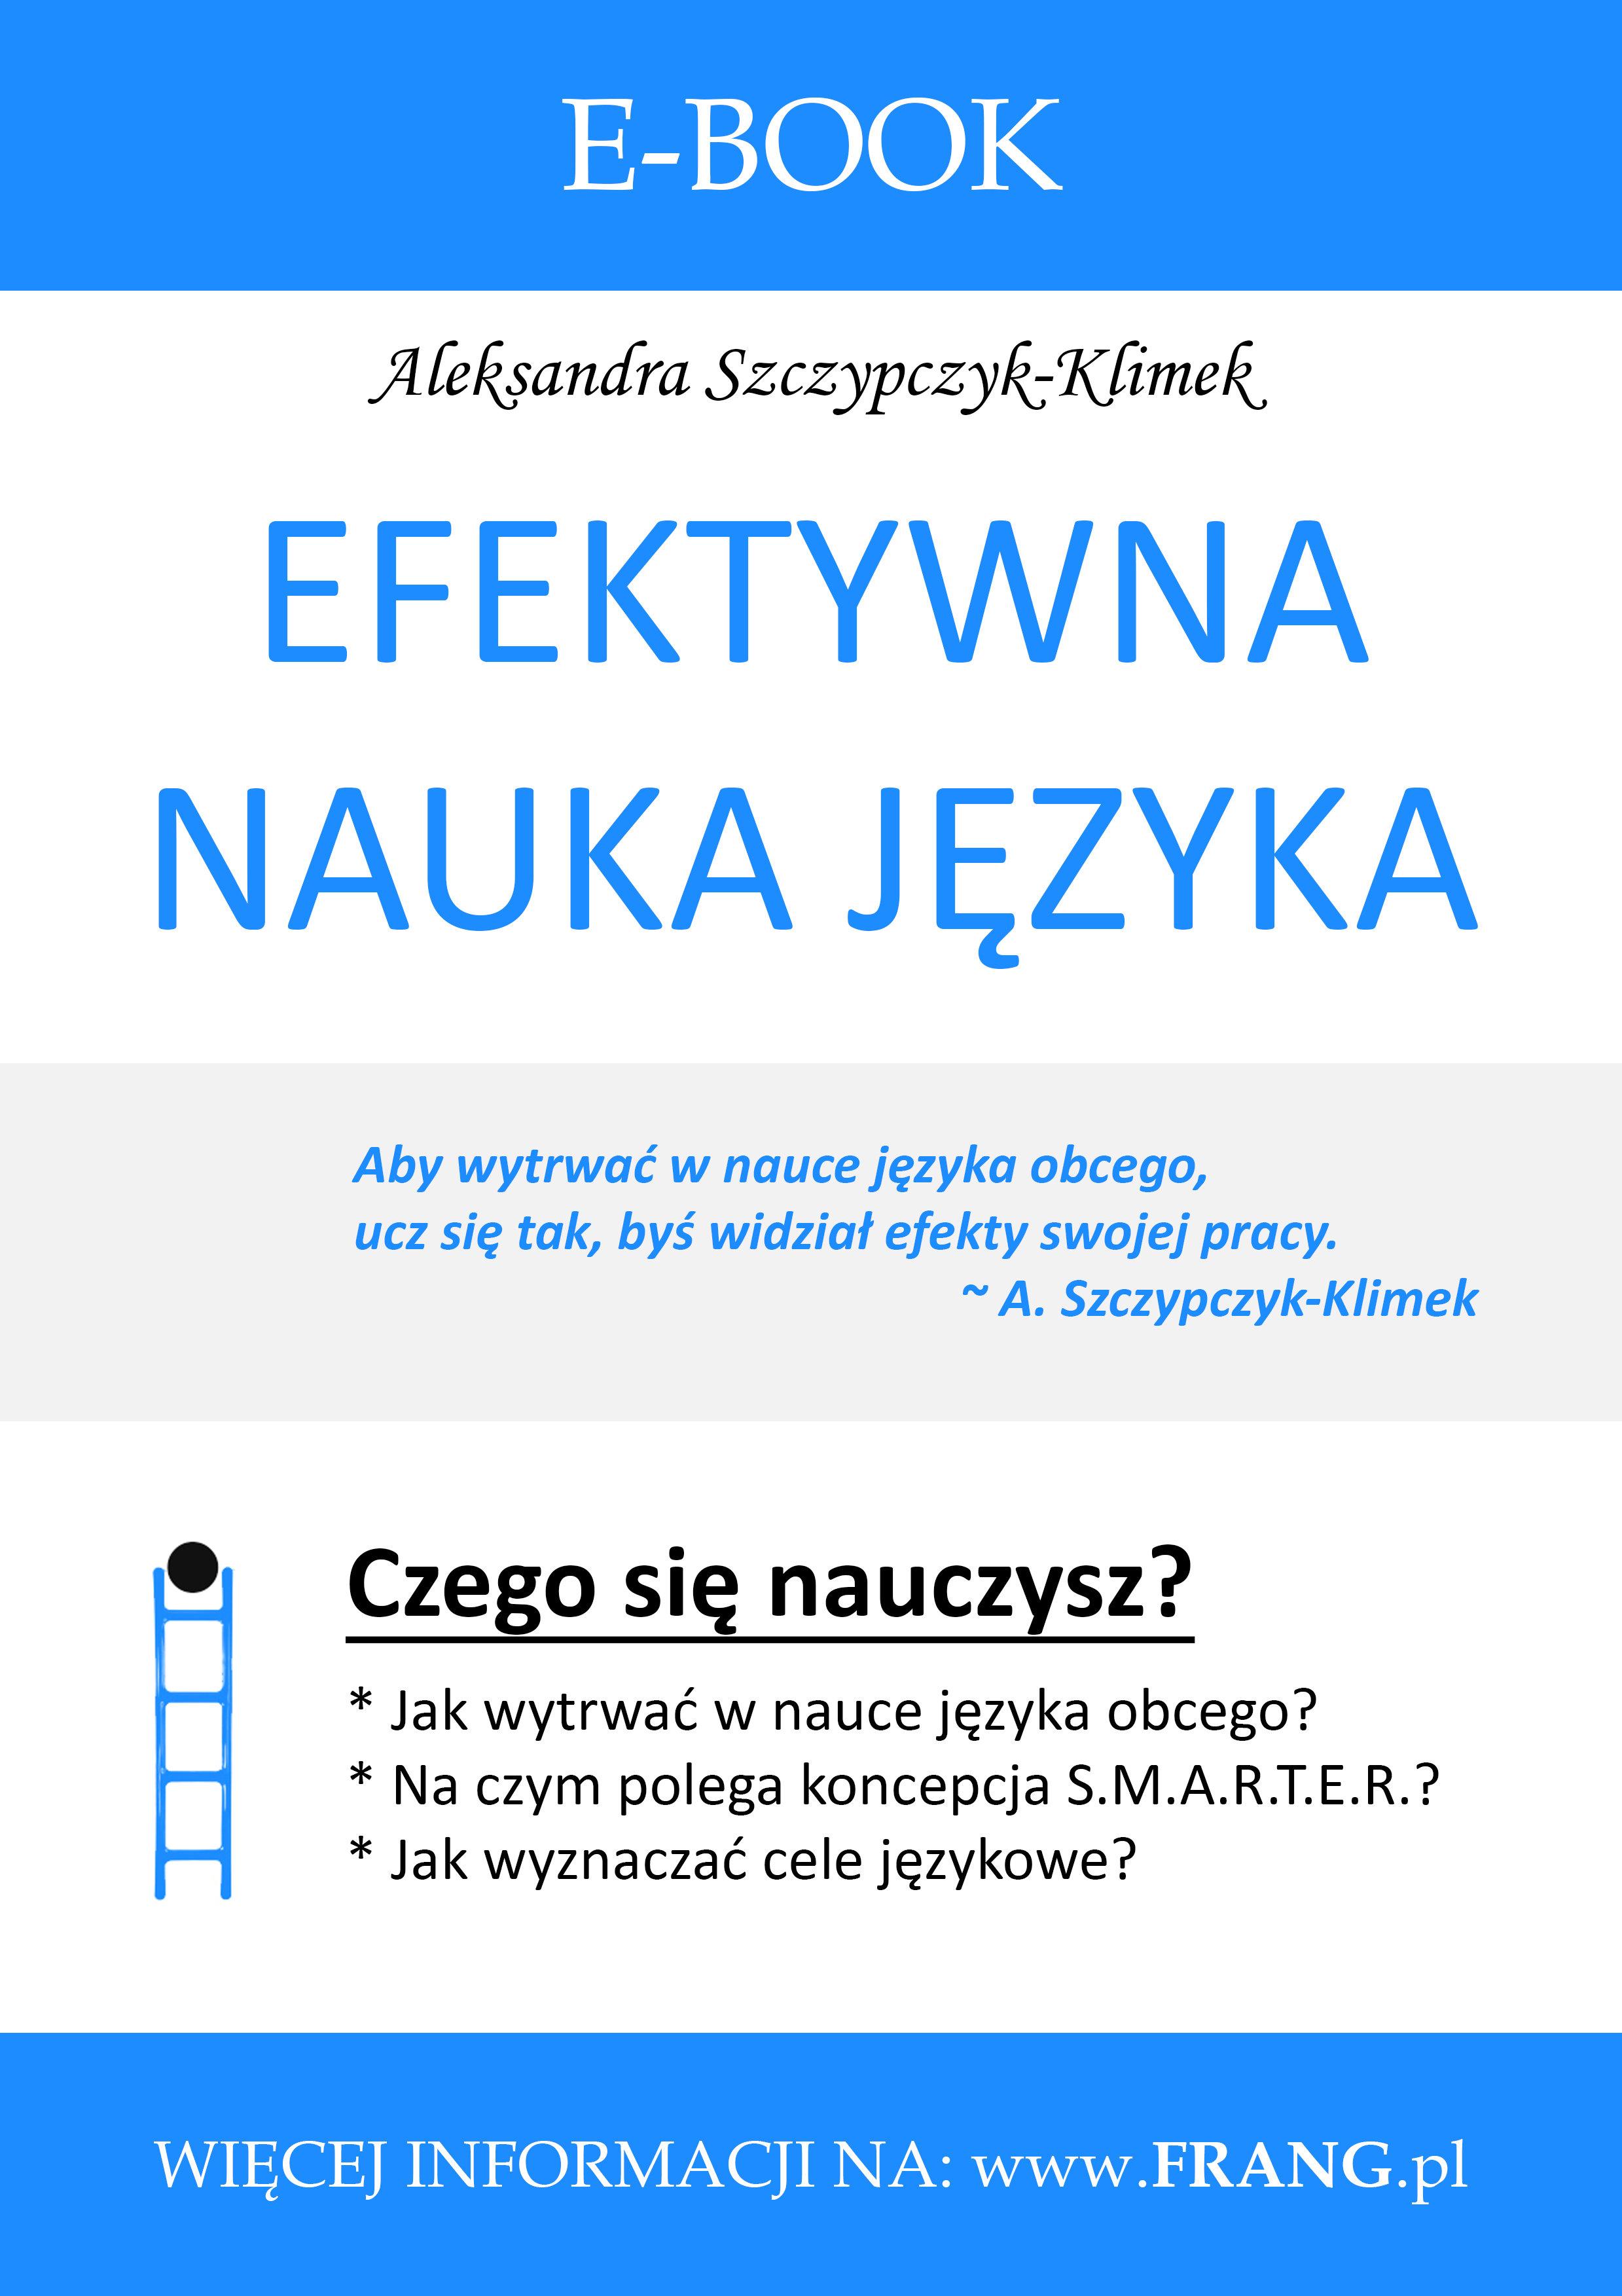 E-book ''Efektywna nauka języka''